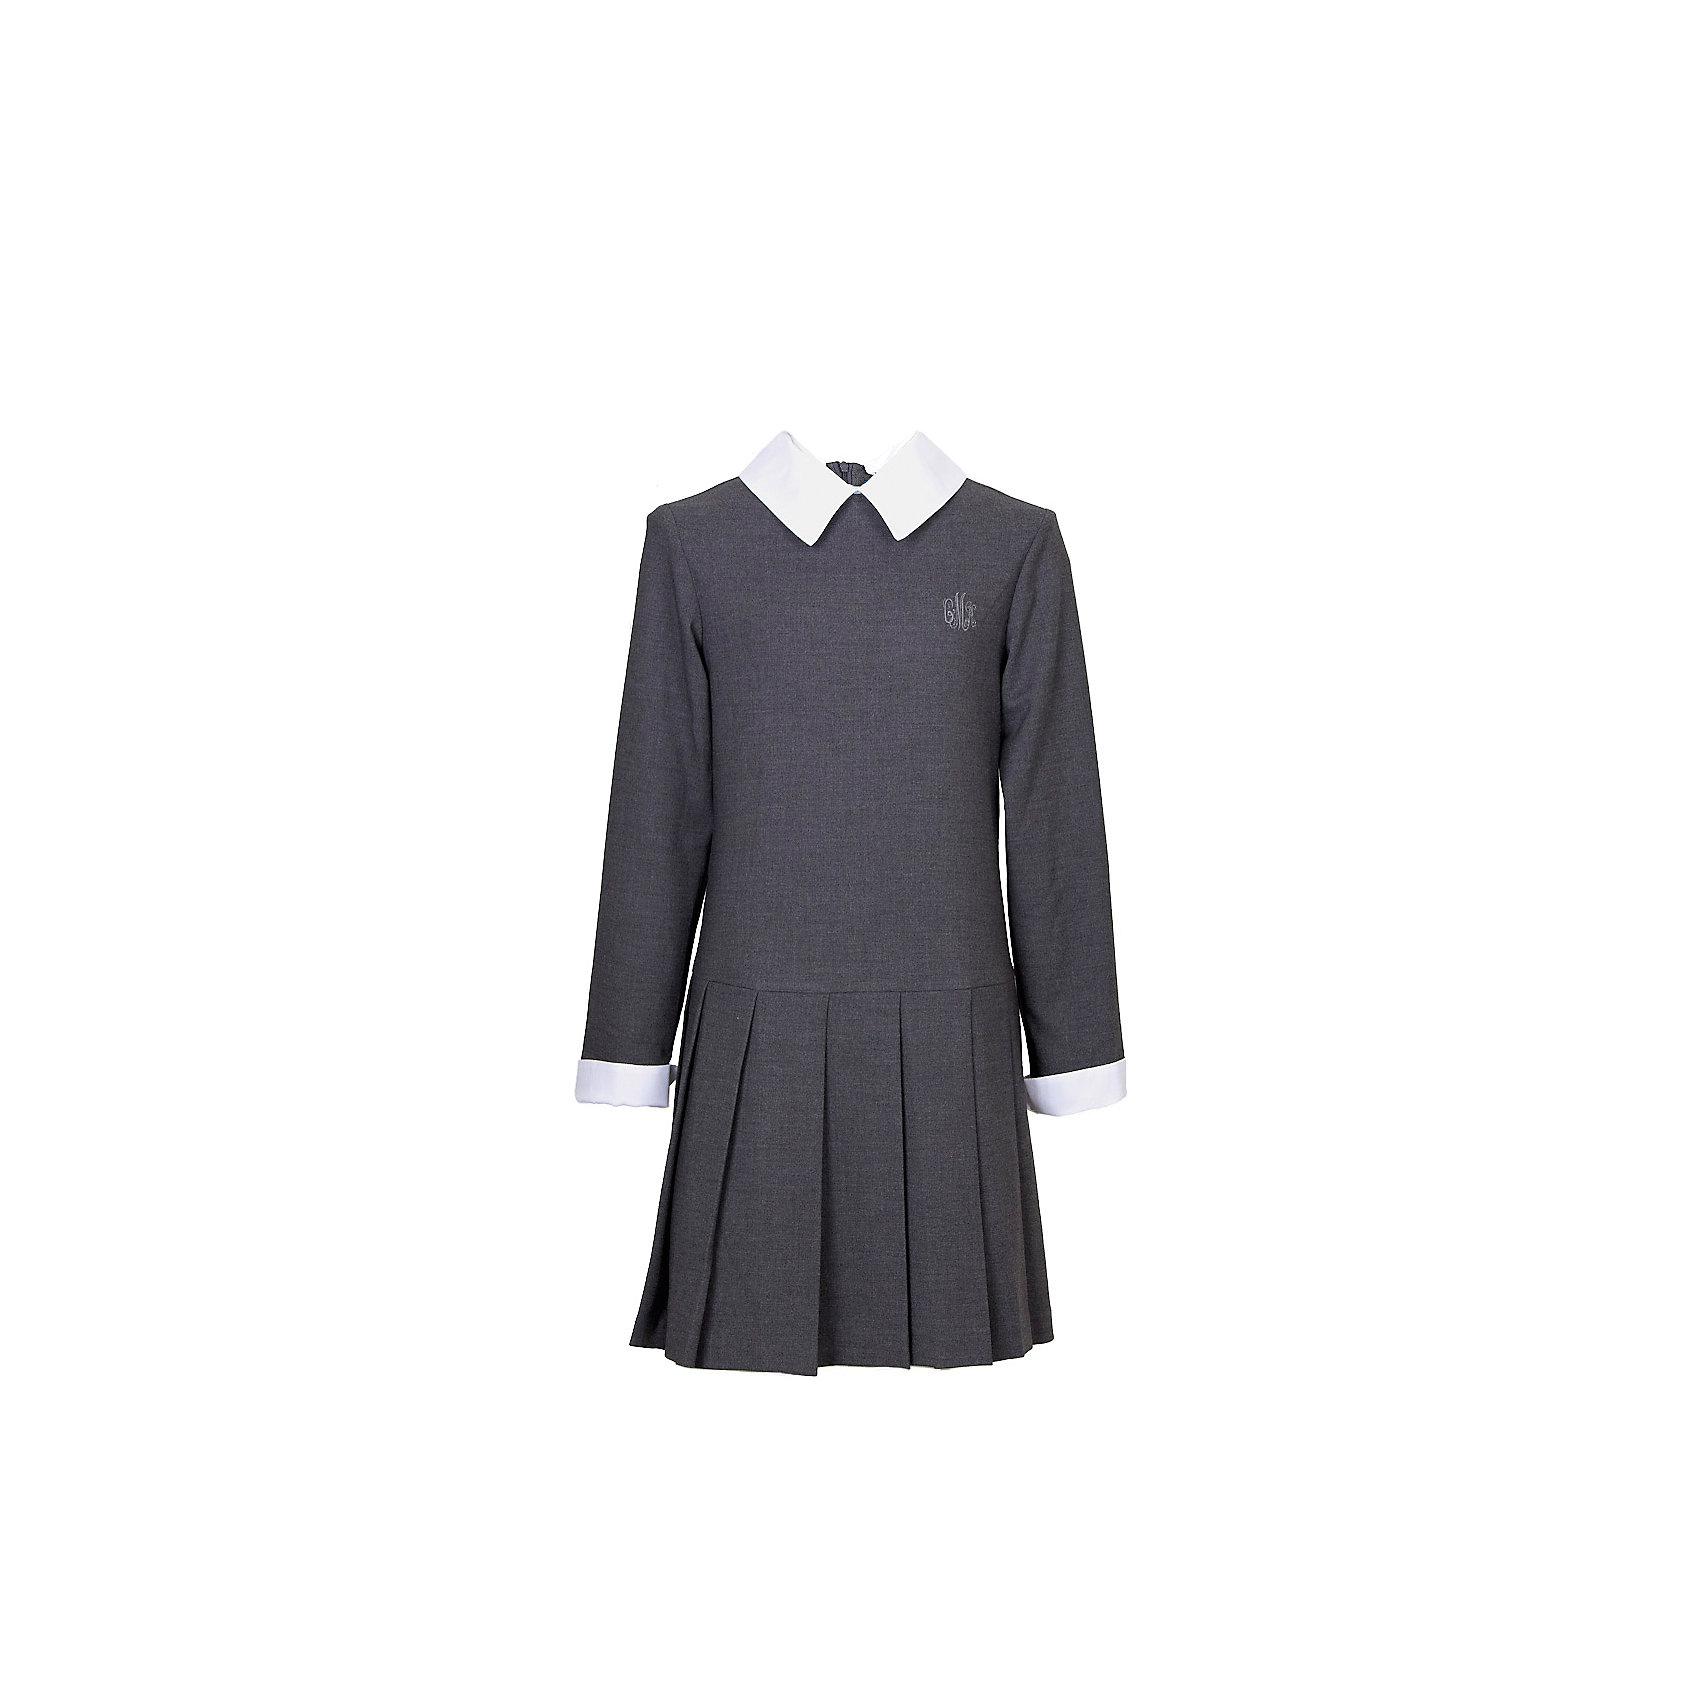 Платье для девочки СменаПлатья и сарафаны<br>Характеристики товара:<br><br>• цвет: серый;<br>• состав: 48% вискоза, 48% полиэстер, 4% полиуретан;<br>• сезон: демисезон;<br>• особенности: школьное;<br>• с длинным рукавом;<br>• юбка в складку;<br>• застежка: молния на спине;<br>• страна бренда: Россия;<br>• страна производства: Россия.<br><br>Школьное платье с длинным рукавом для девочки. Платье в складку внизу, застегивается на молнию на спинке. Декорировано вышивкой на груди. Манжеты рукавов и воротник контрастного белого цвета.<br><br>Платье для девочки Смена можно купить в нашем интернет-магазине.<br><br>Ширина мм: 236<br>Глубина мм: 16<br>Высота мм: 184<br>Вес г: 177<br>Цвет: серый<br>Возраст от месяцев: 60<br>Возраст до месяцев: 72<br>Пол: Женский<br>Возраст: Детский<br>Размер: 116,164,122,128,134,140,152,146,158<br>SKU: 6684052